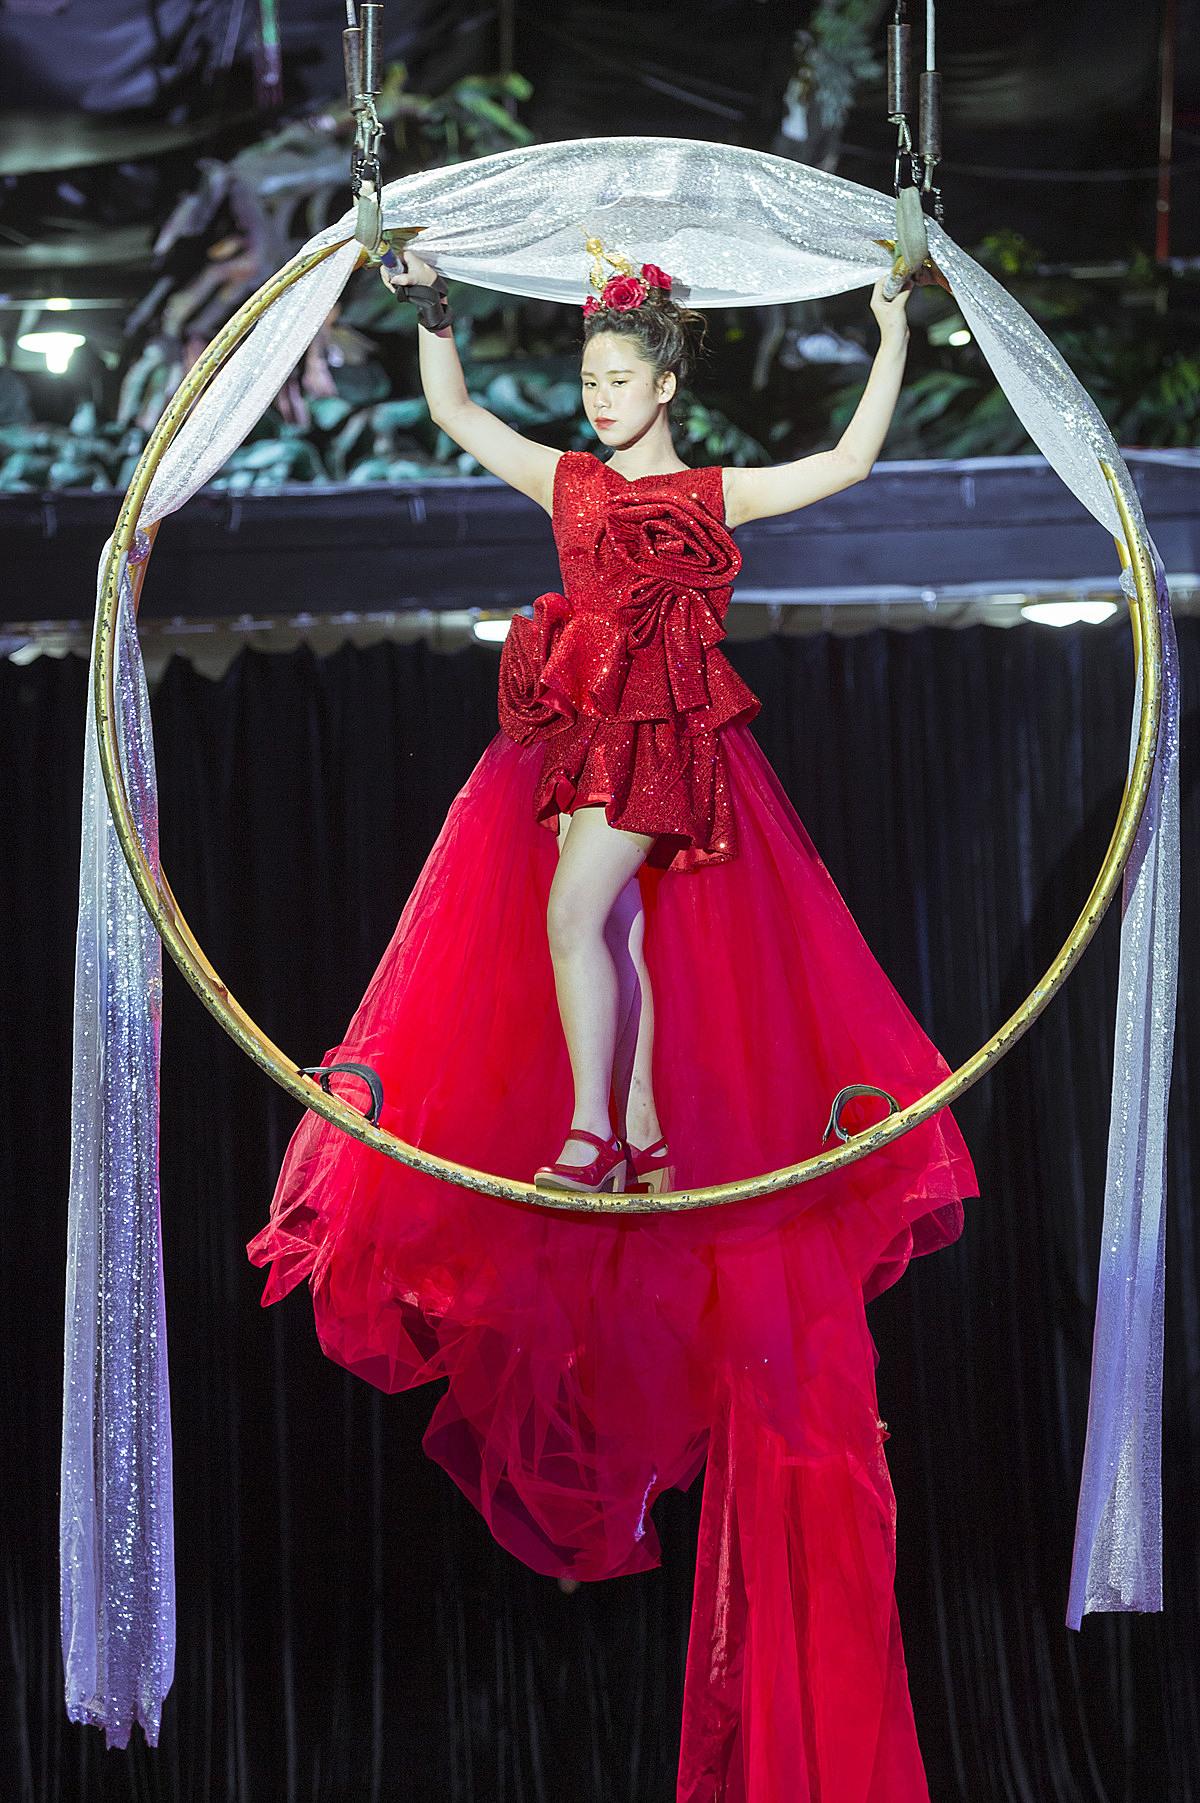 Hoa hậu nhí Bella Vũ diện một chiếc váy dạ hội màu đỏ lộng lẫy với phần đuôi dài xuất hiện từ trên cao đem lại màn kết show đẹp mắt cho chương trình.